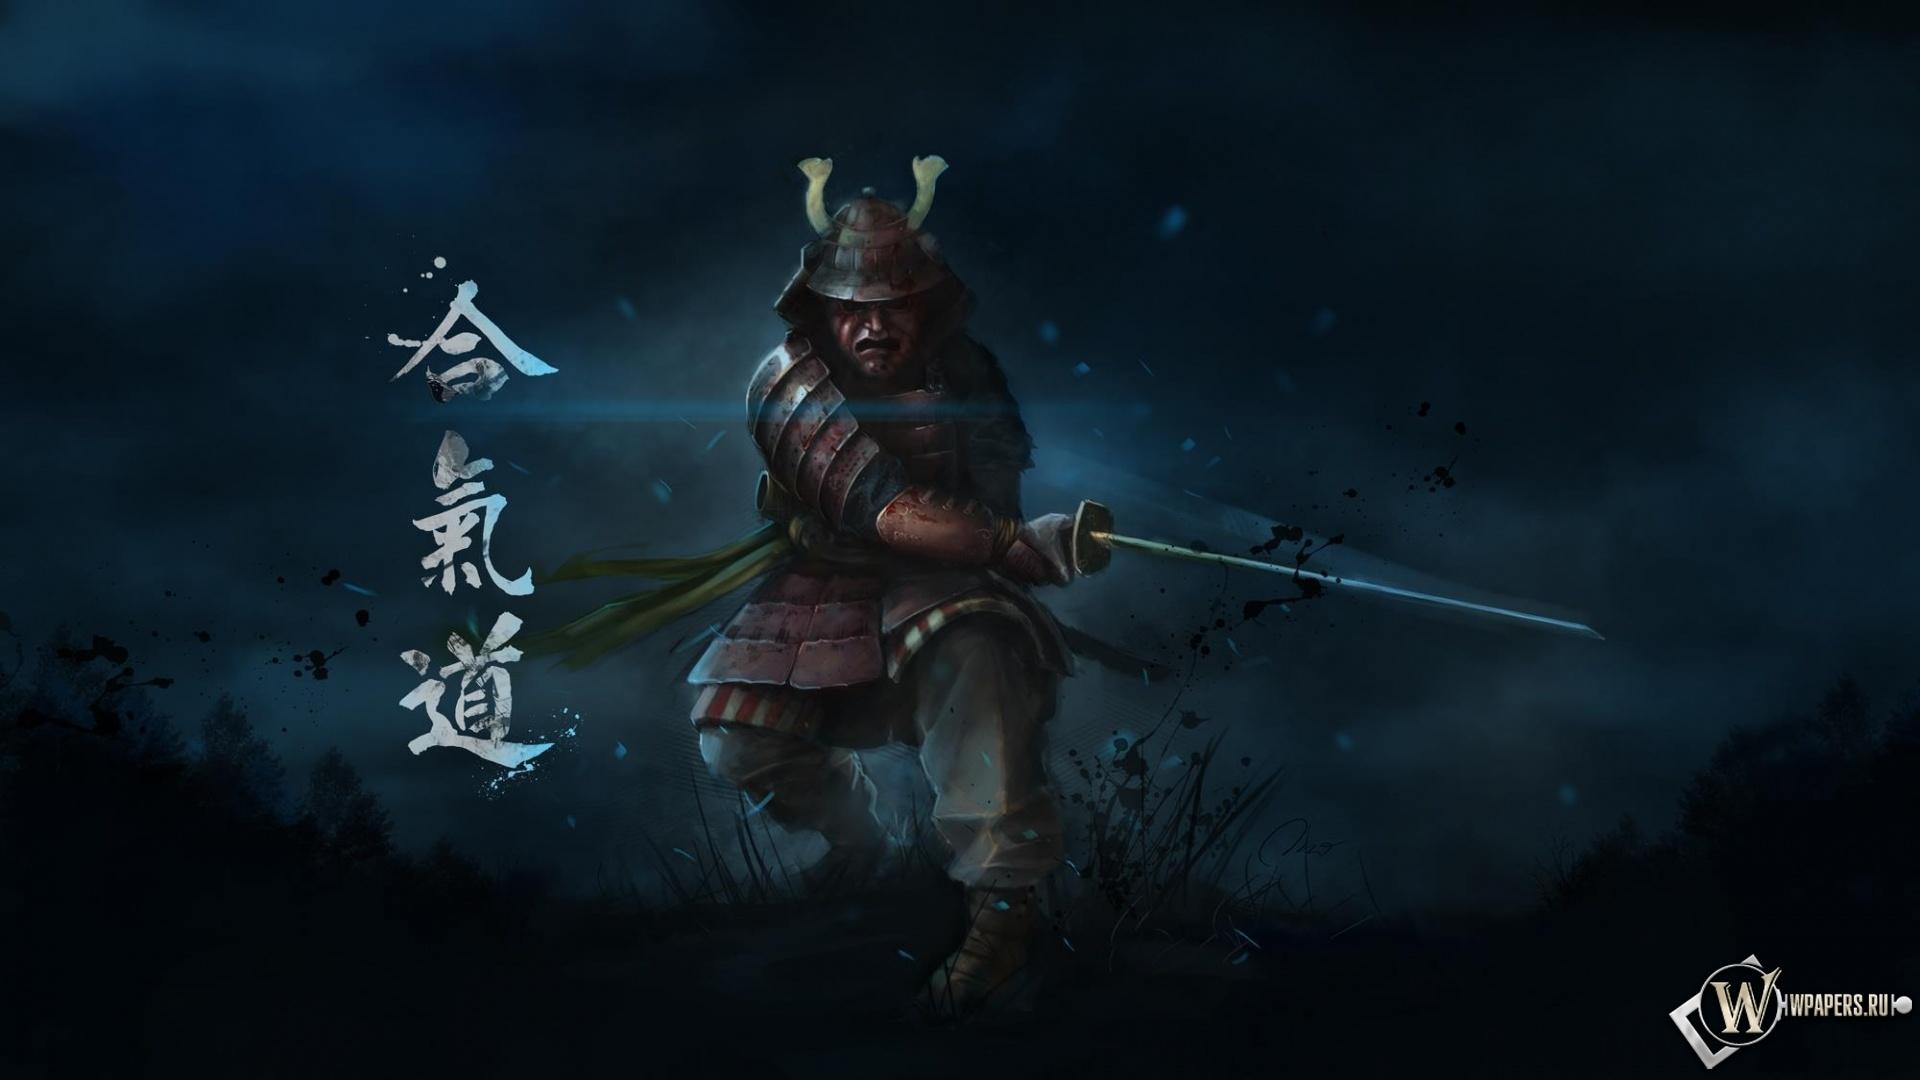 картинки самураев скачать